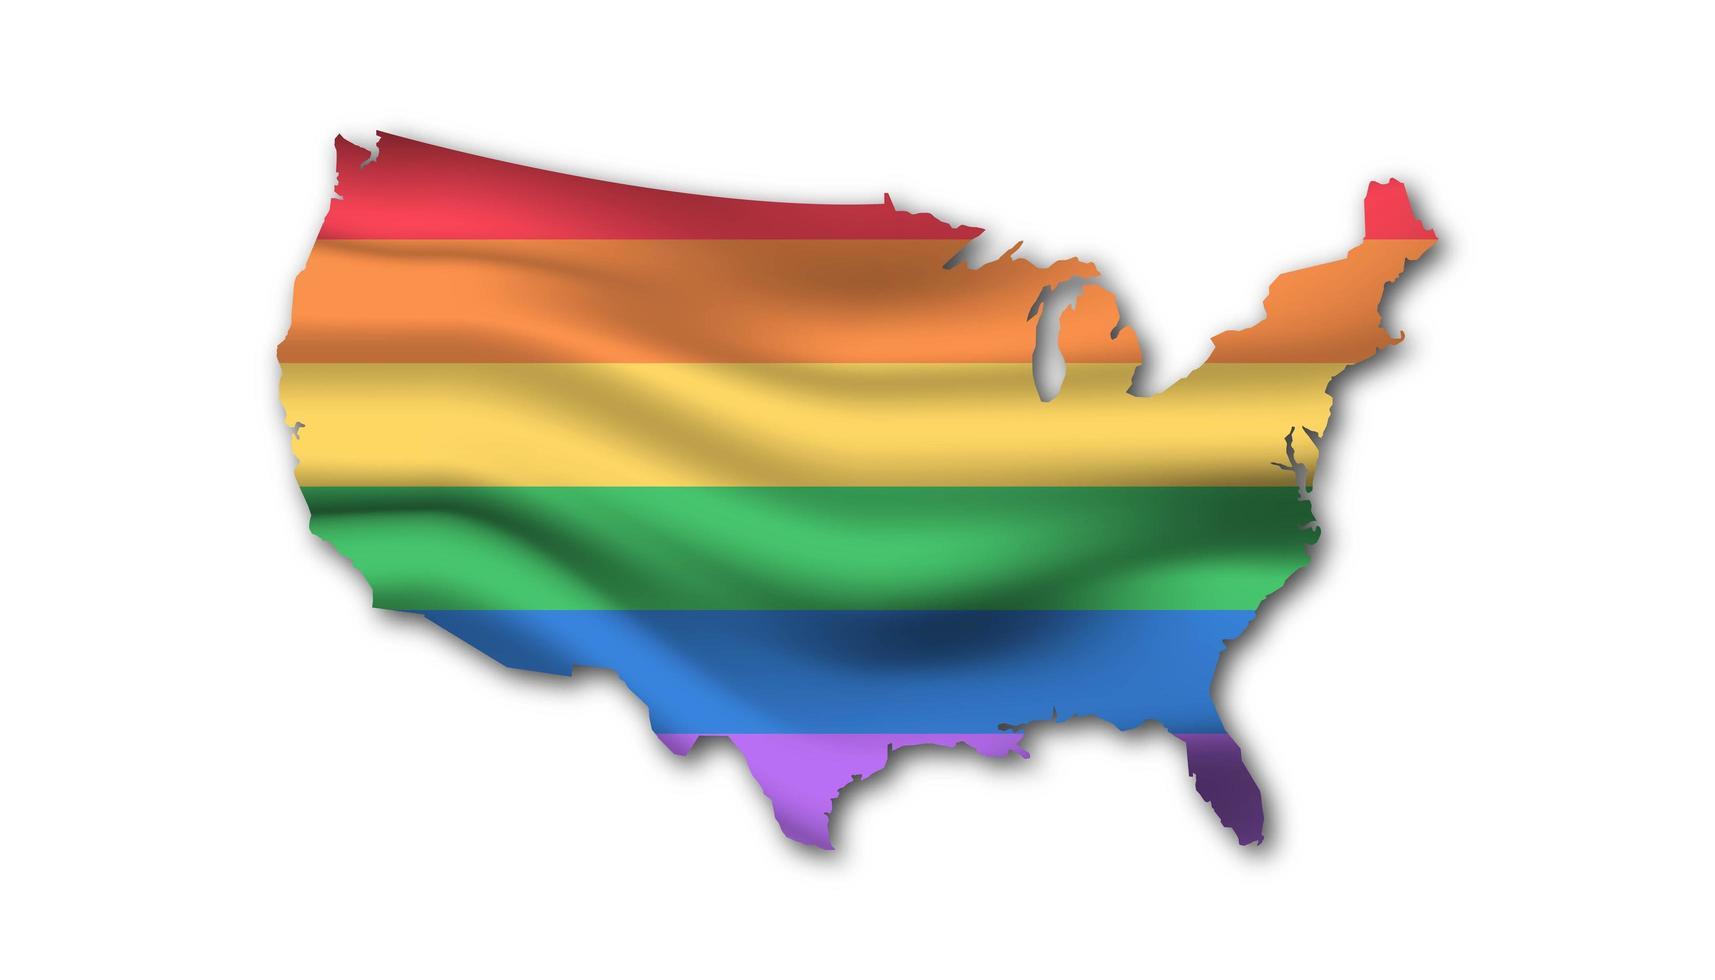 Mappa di bandiera lgbt degli stati uniti d'america vettore